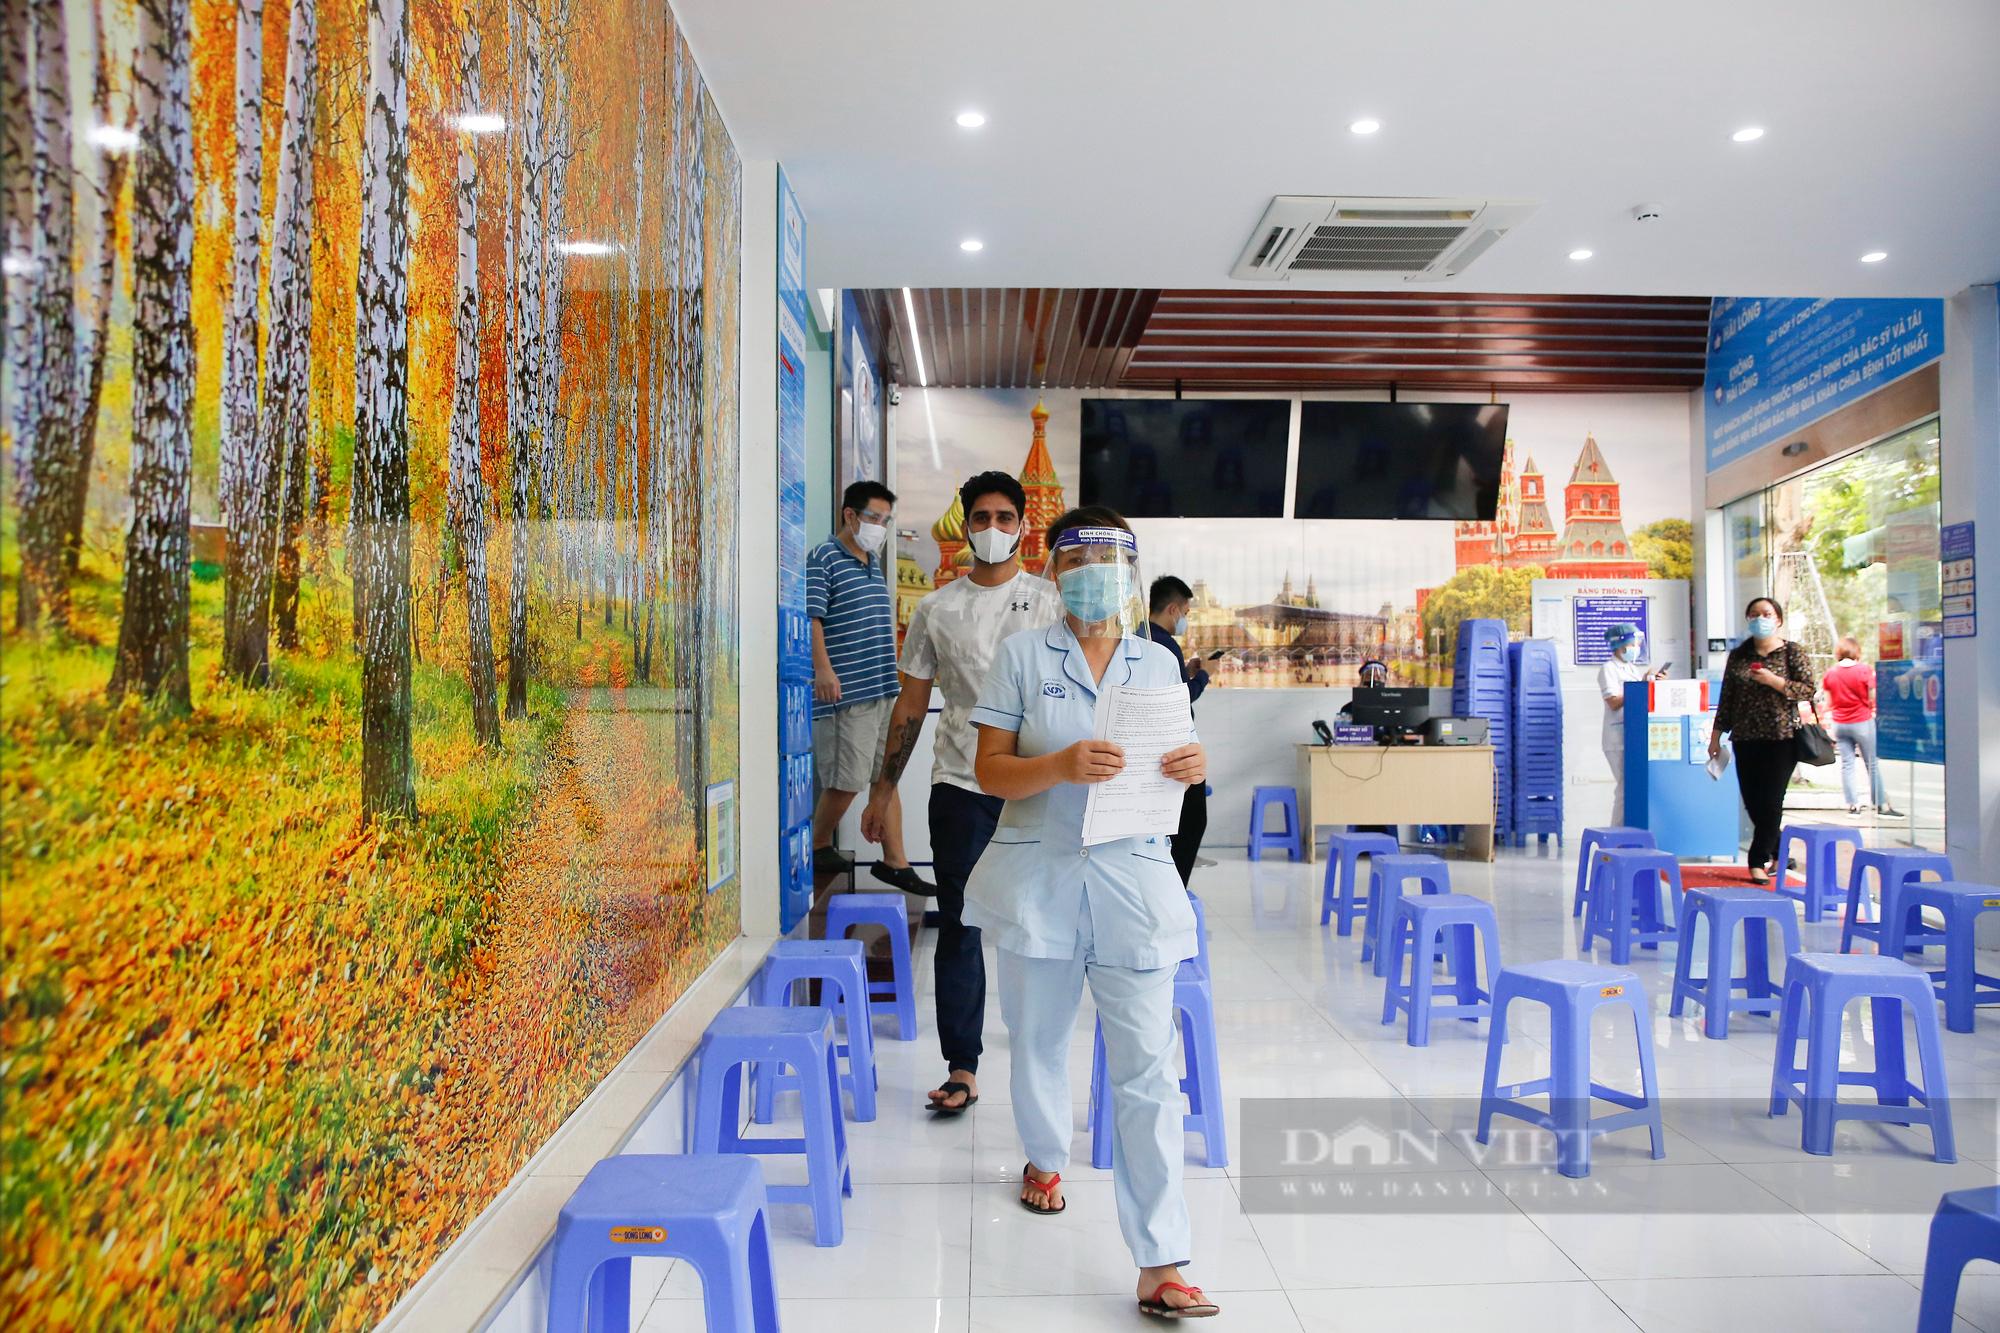 Tiêm vaccine Covid-19 cho hàng trăm người nước ngoài mỗi ngày tại Hà Nội - Ảnh 7.